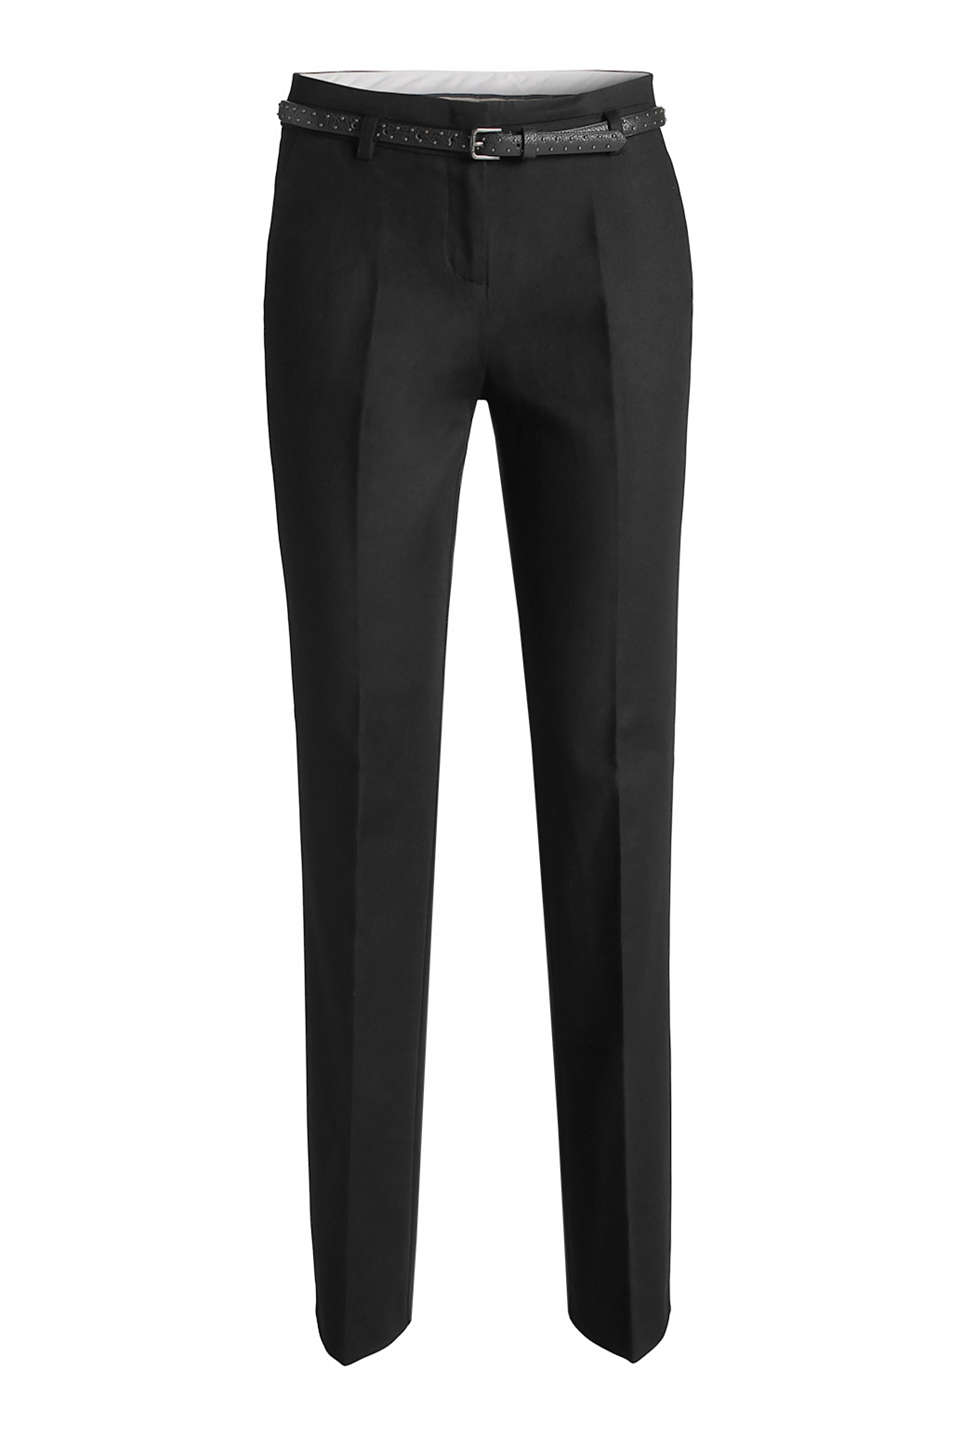 e53948942960 Esprit - Gepflegte Baumwoll-Stretch-Hose im Online Shop kaufen